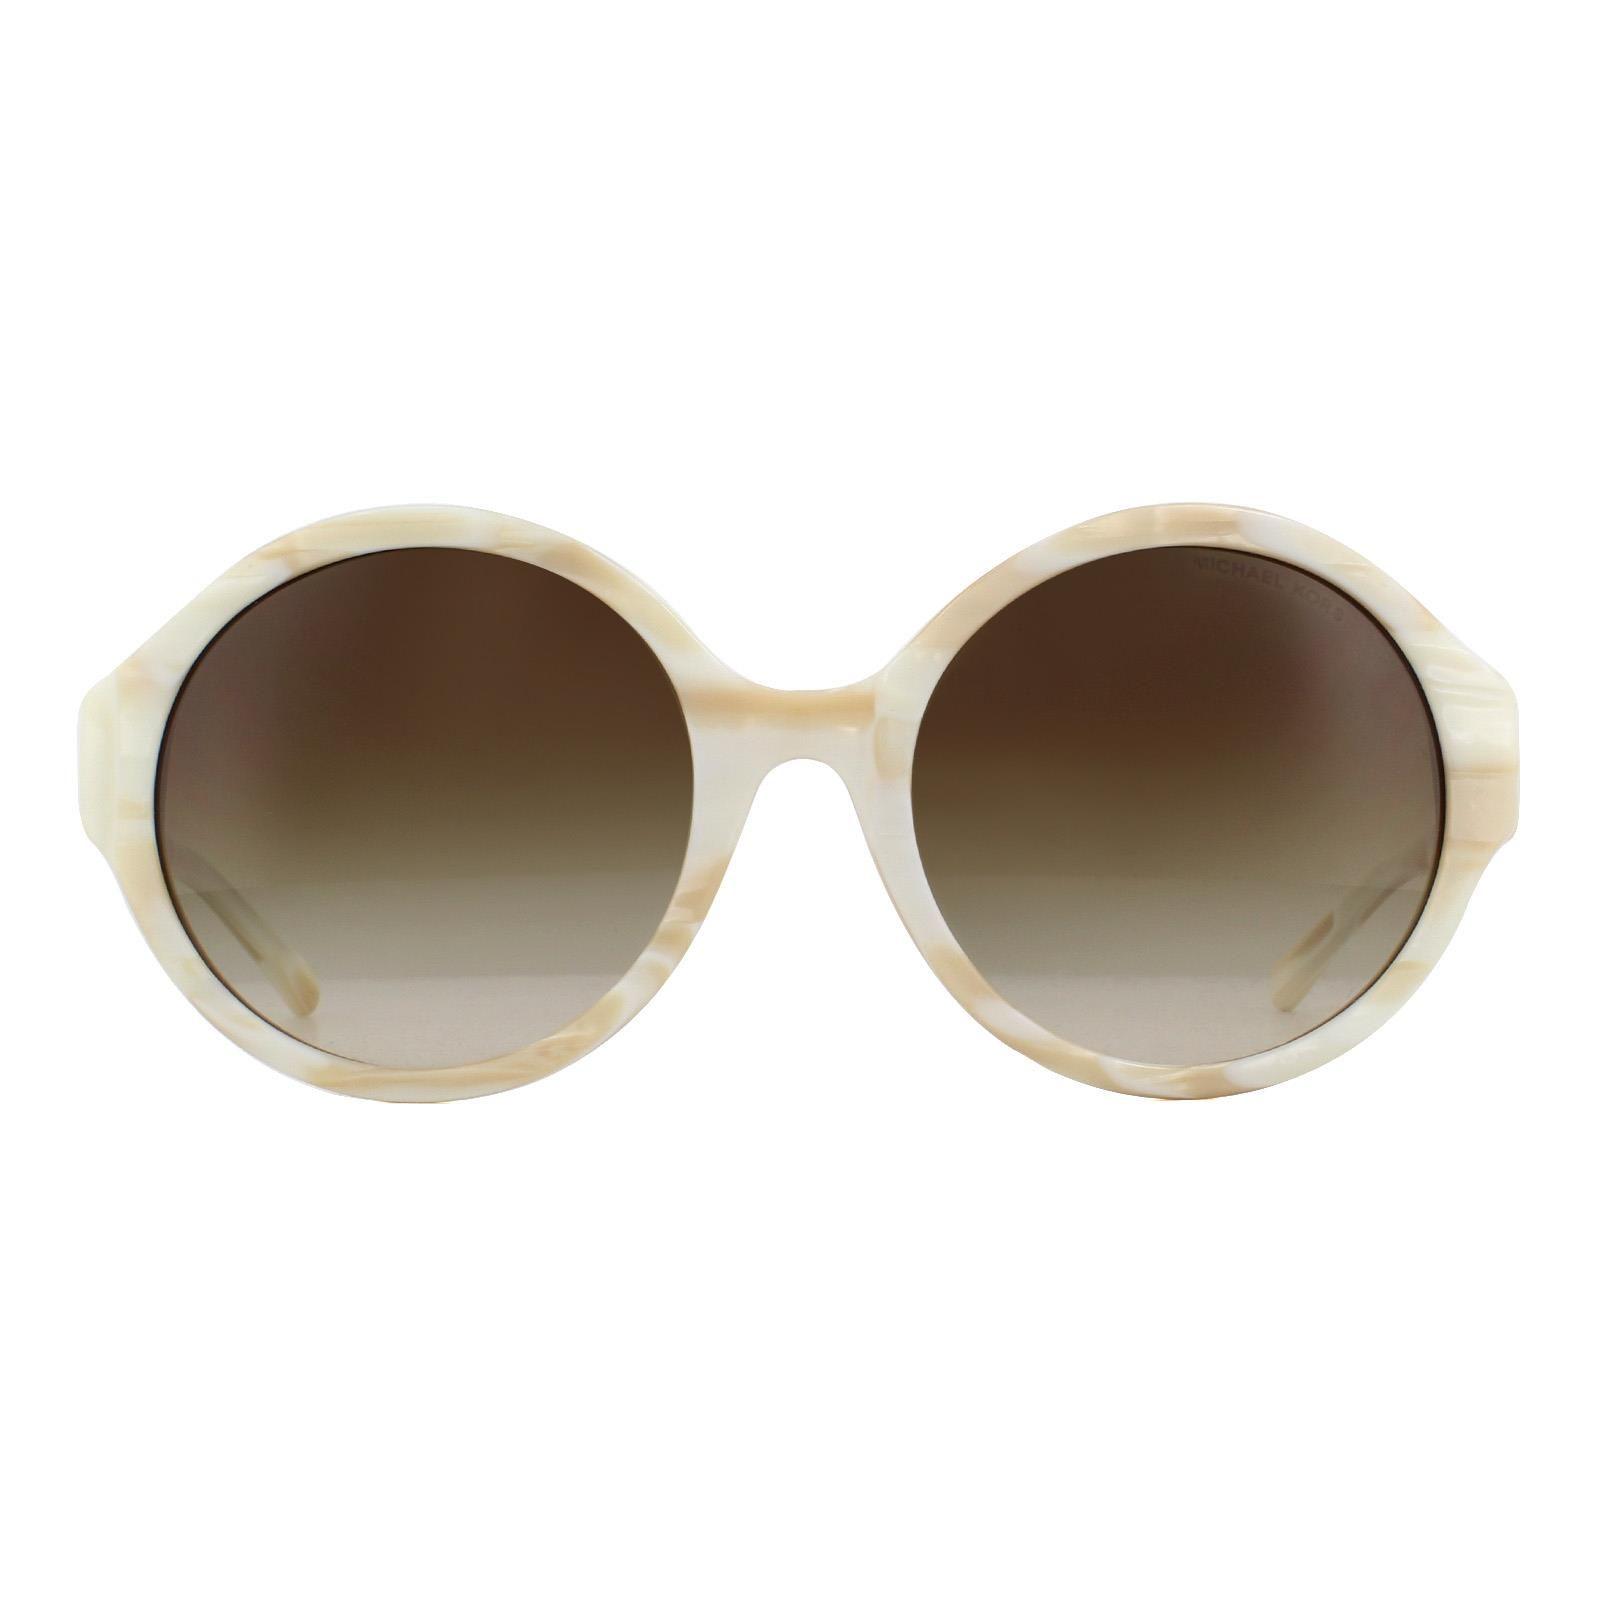 Michael Kors Sunglasses Seaside Getaway 2035 320813 Ivory Horn Brown Gradient